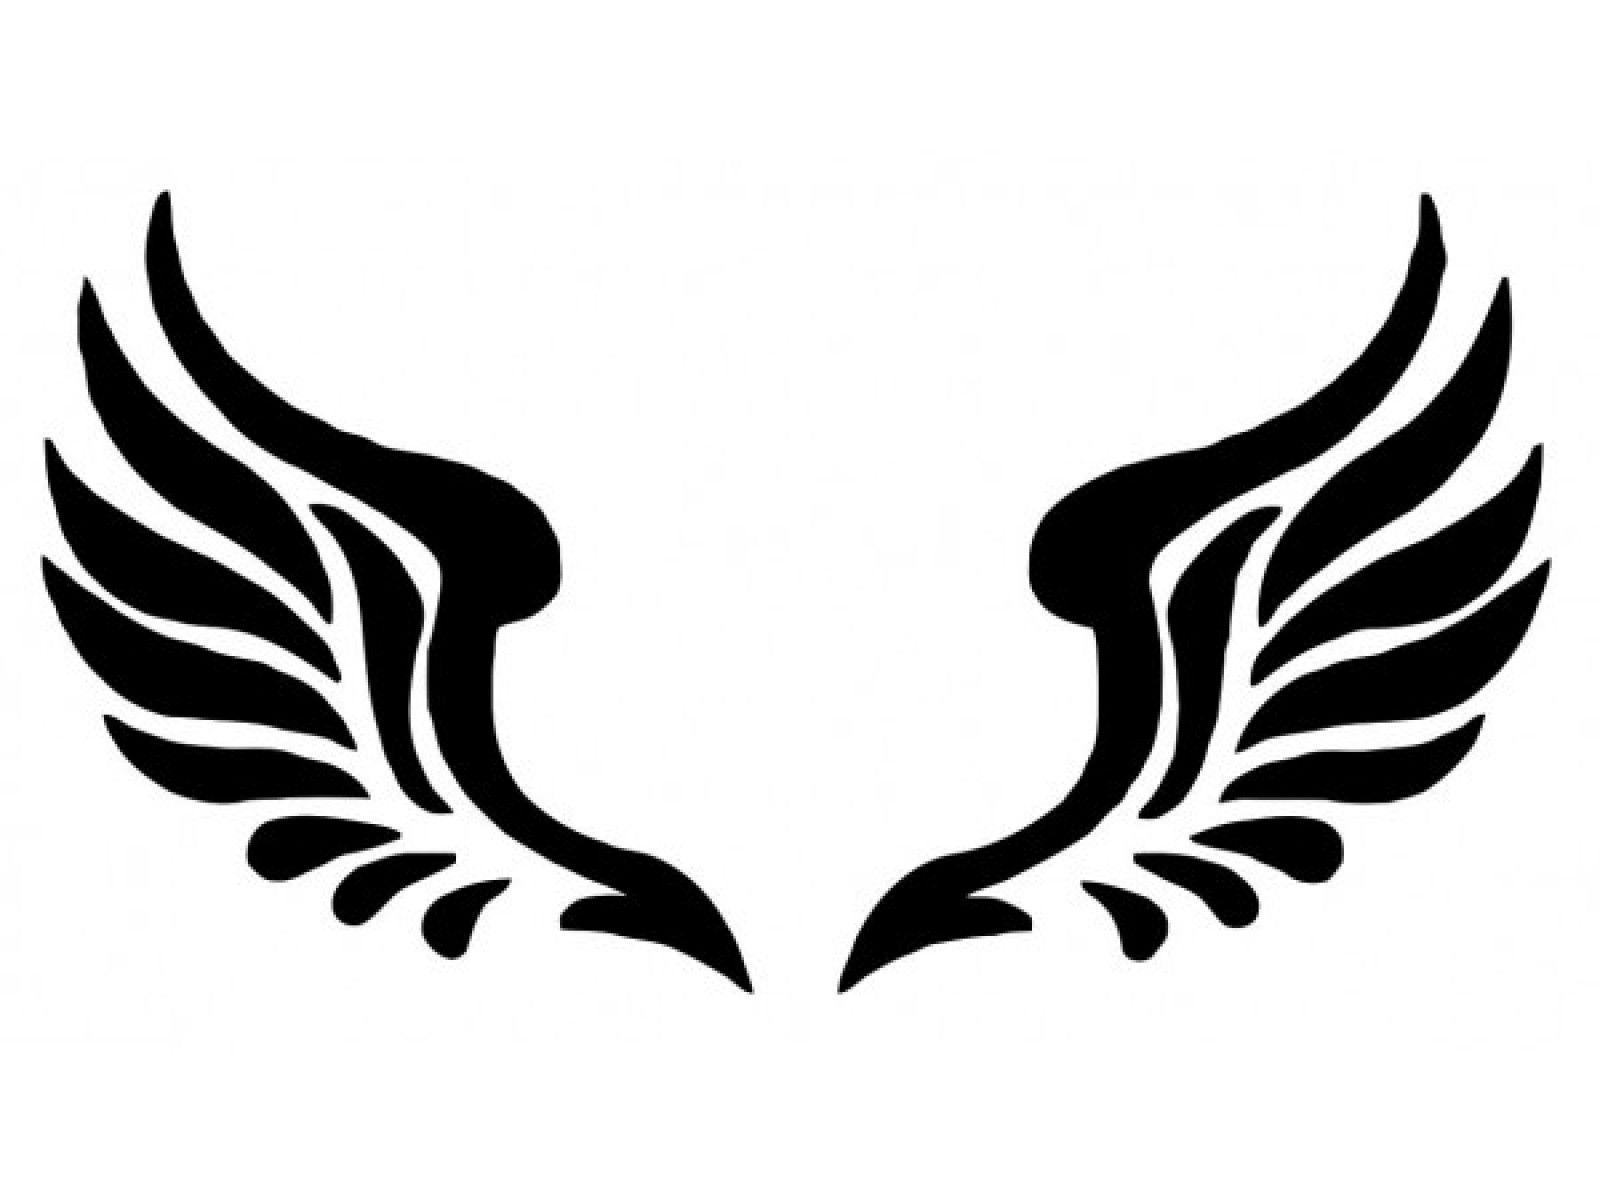 Spread angel wings | stencils | Pinterest | Angel wings